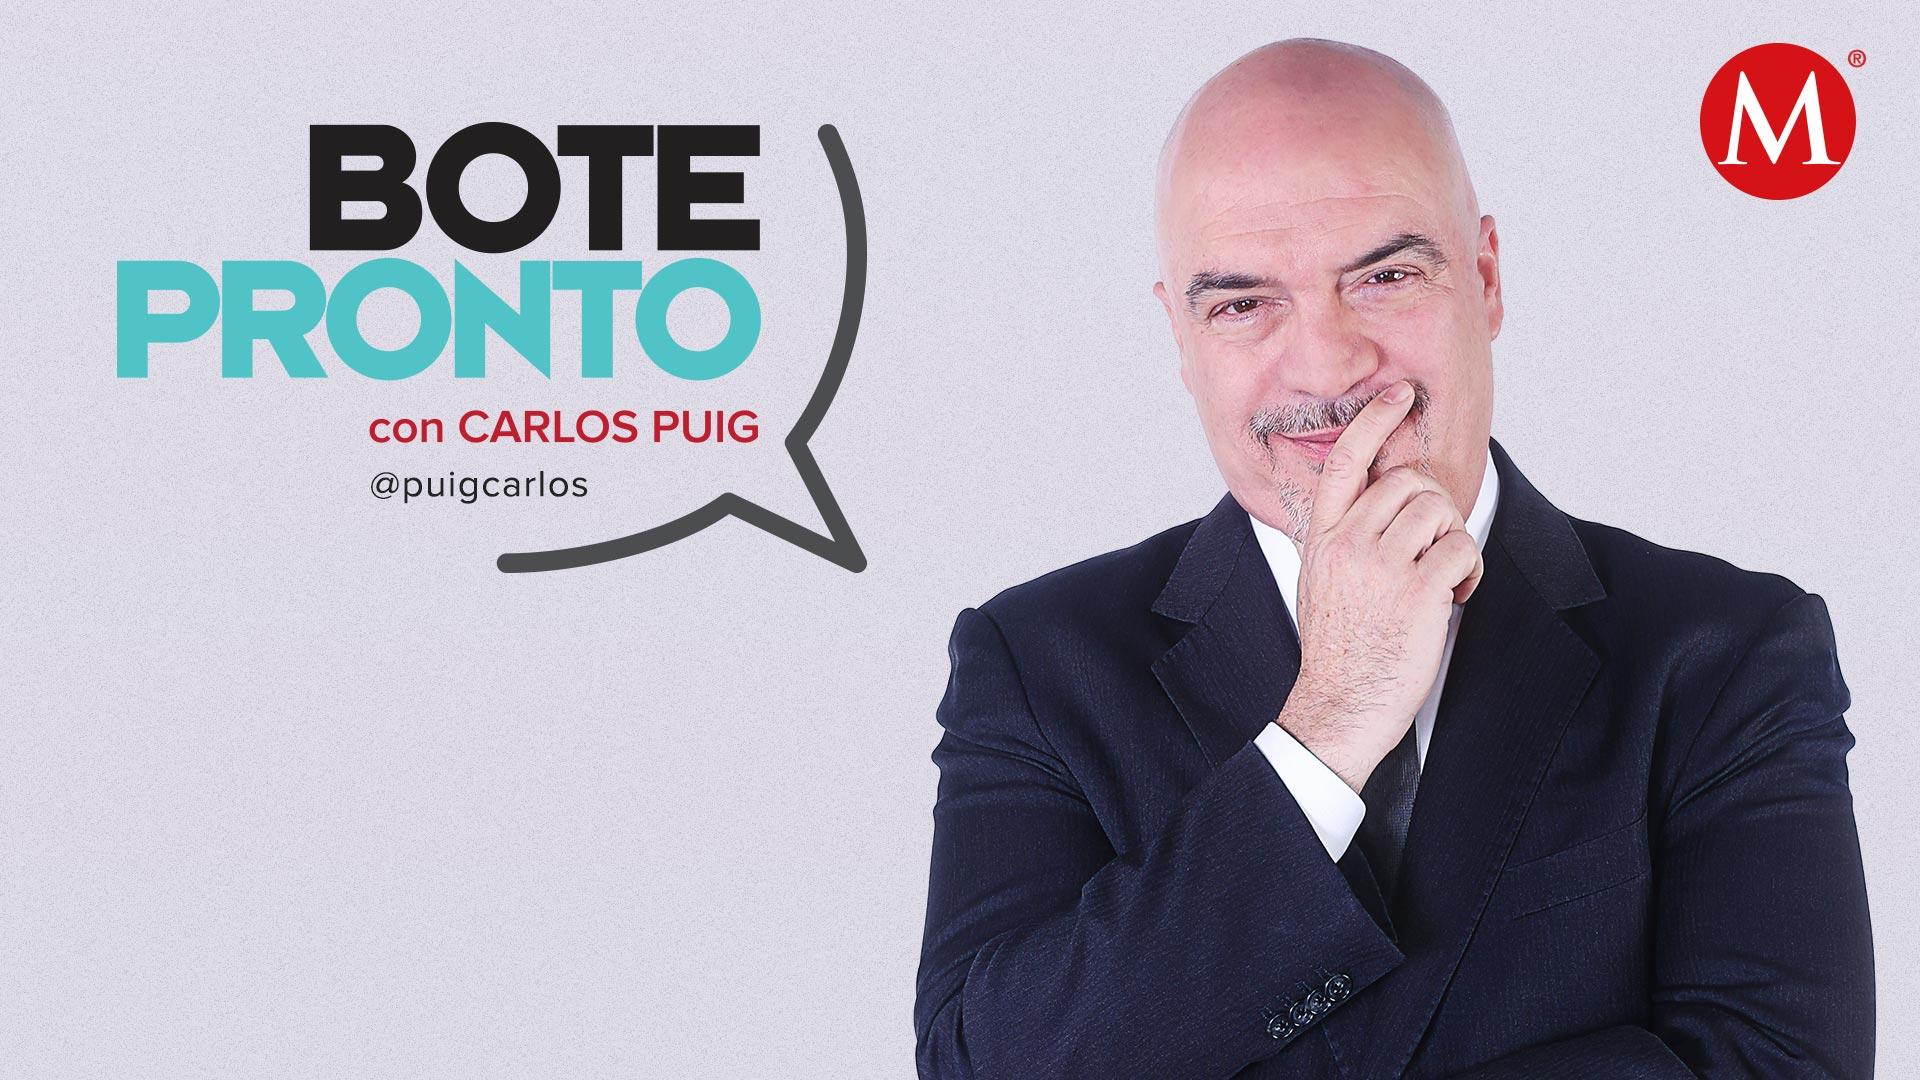 Bote Pronto, con Carlos Puig